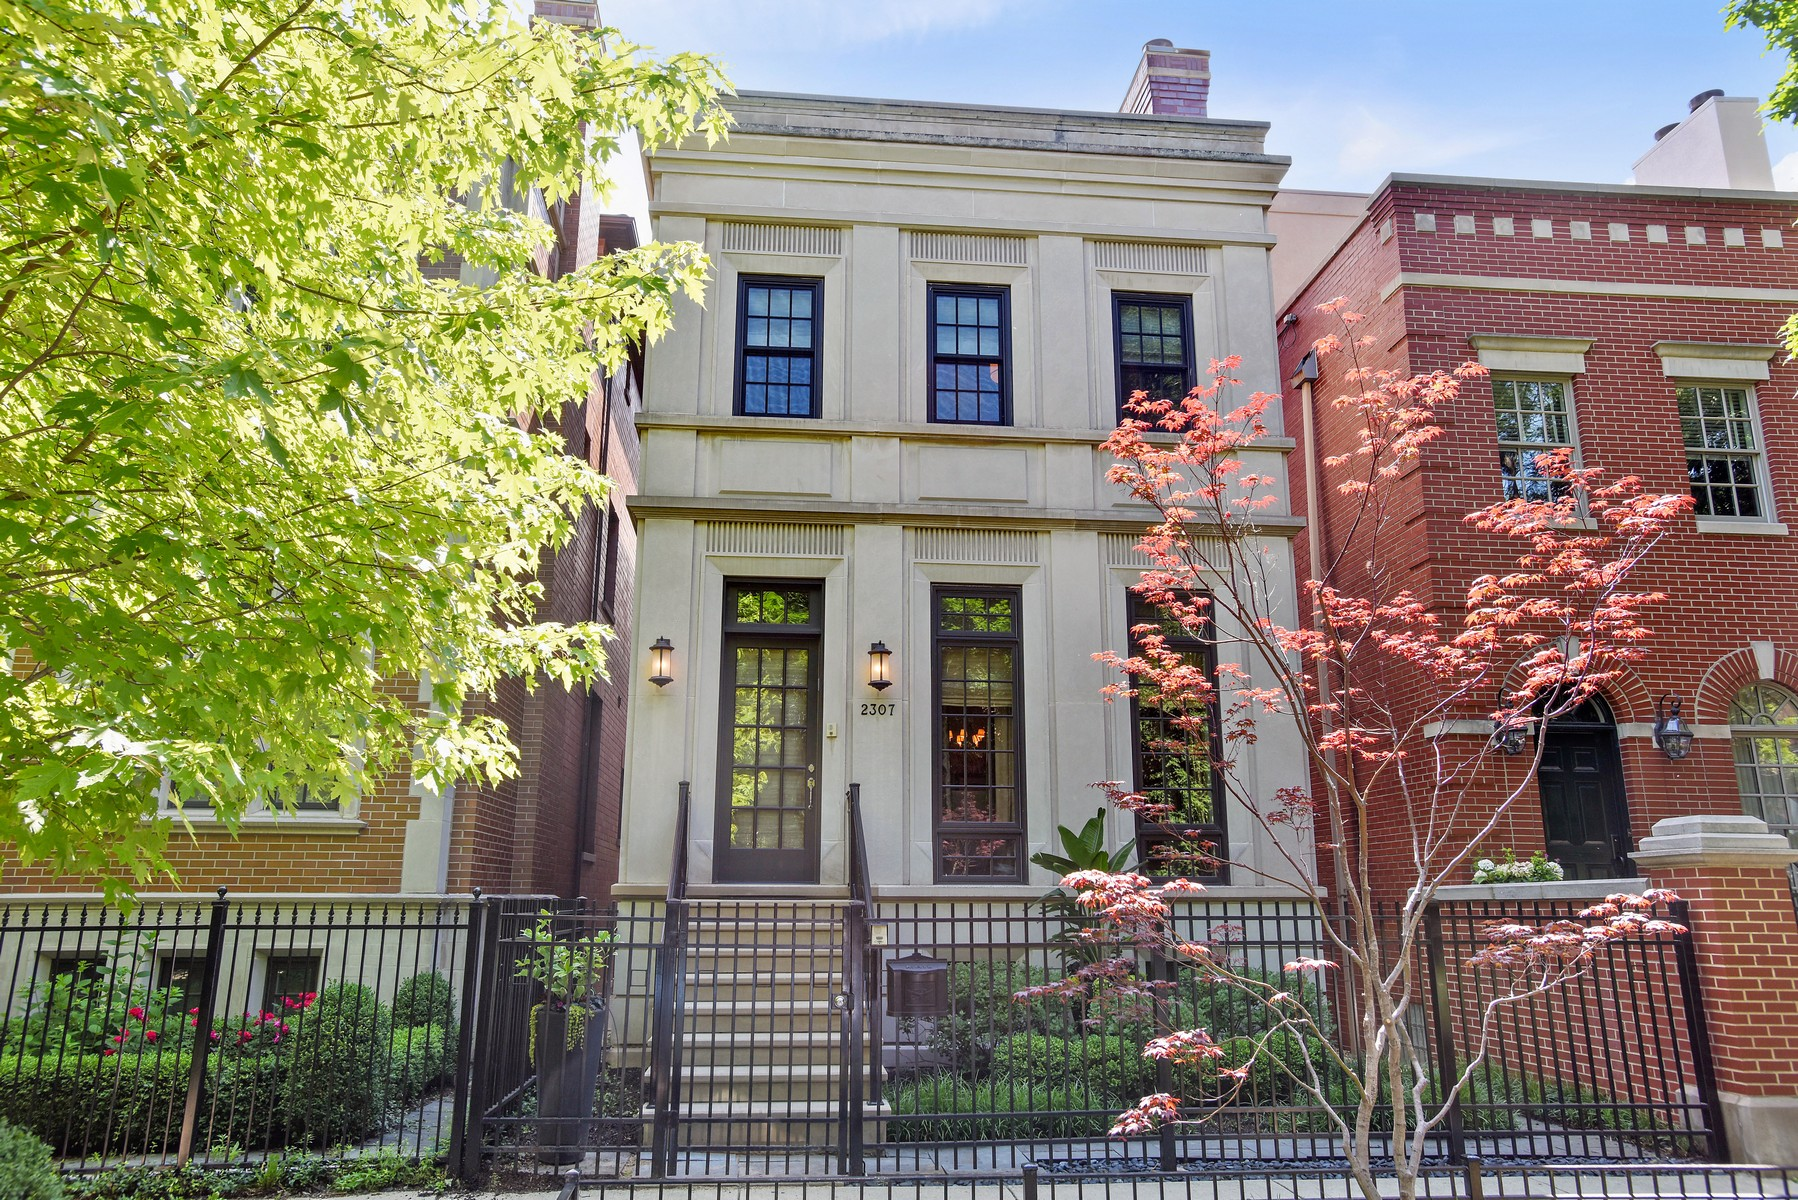 Частный односемейный дом для того Продажа на Stunning 6 Bedroom on Tree-Lined Street 2307 N Janssen Avenue Lincoln Park, Chicago, Иллинойс, 60614 Соединенные Штаты